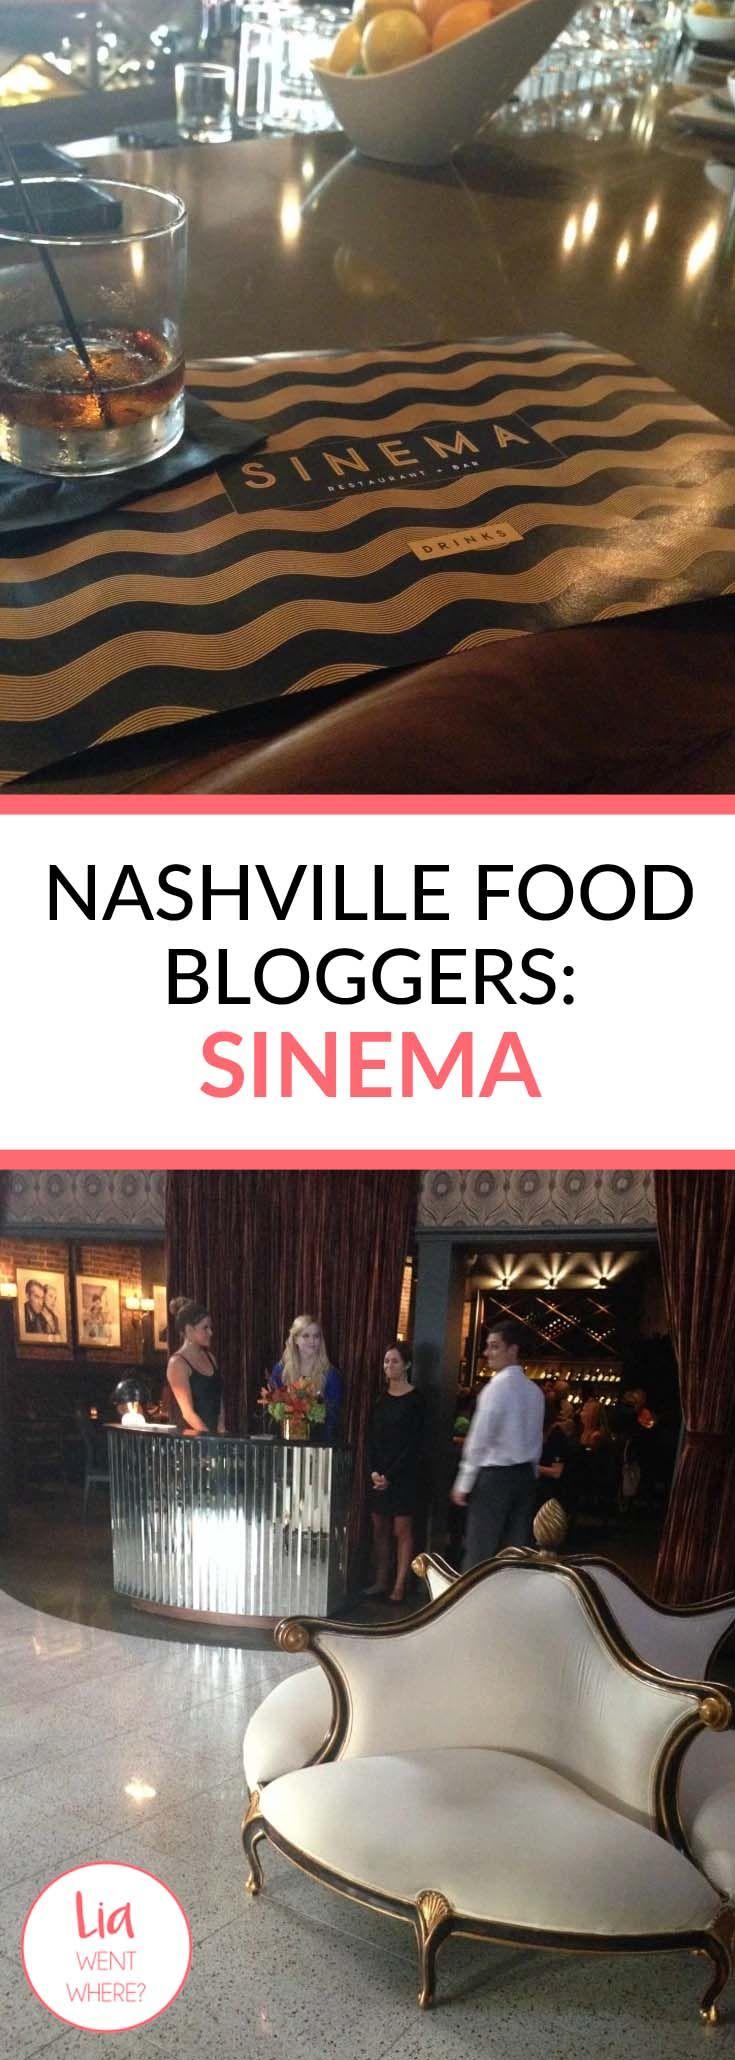 Nashville food bloggers sinema nashville nashville food